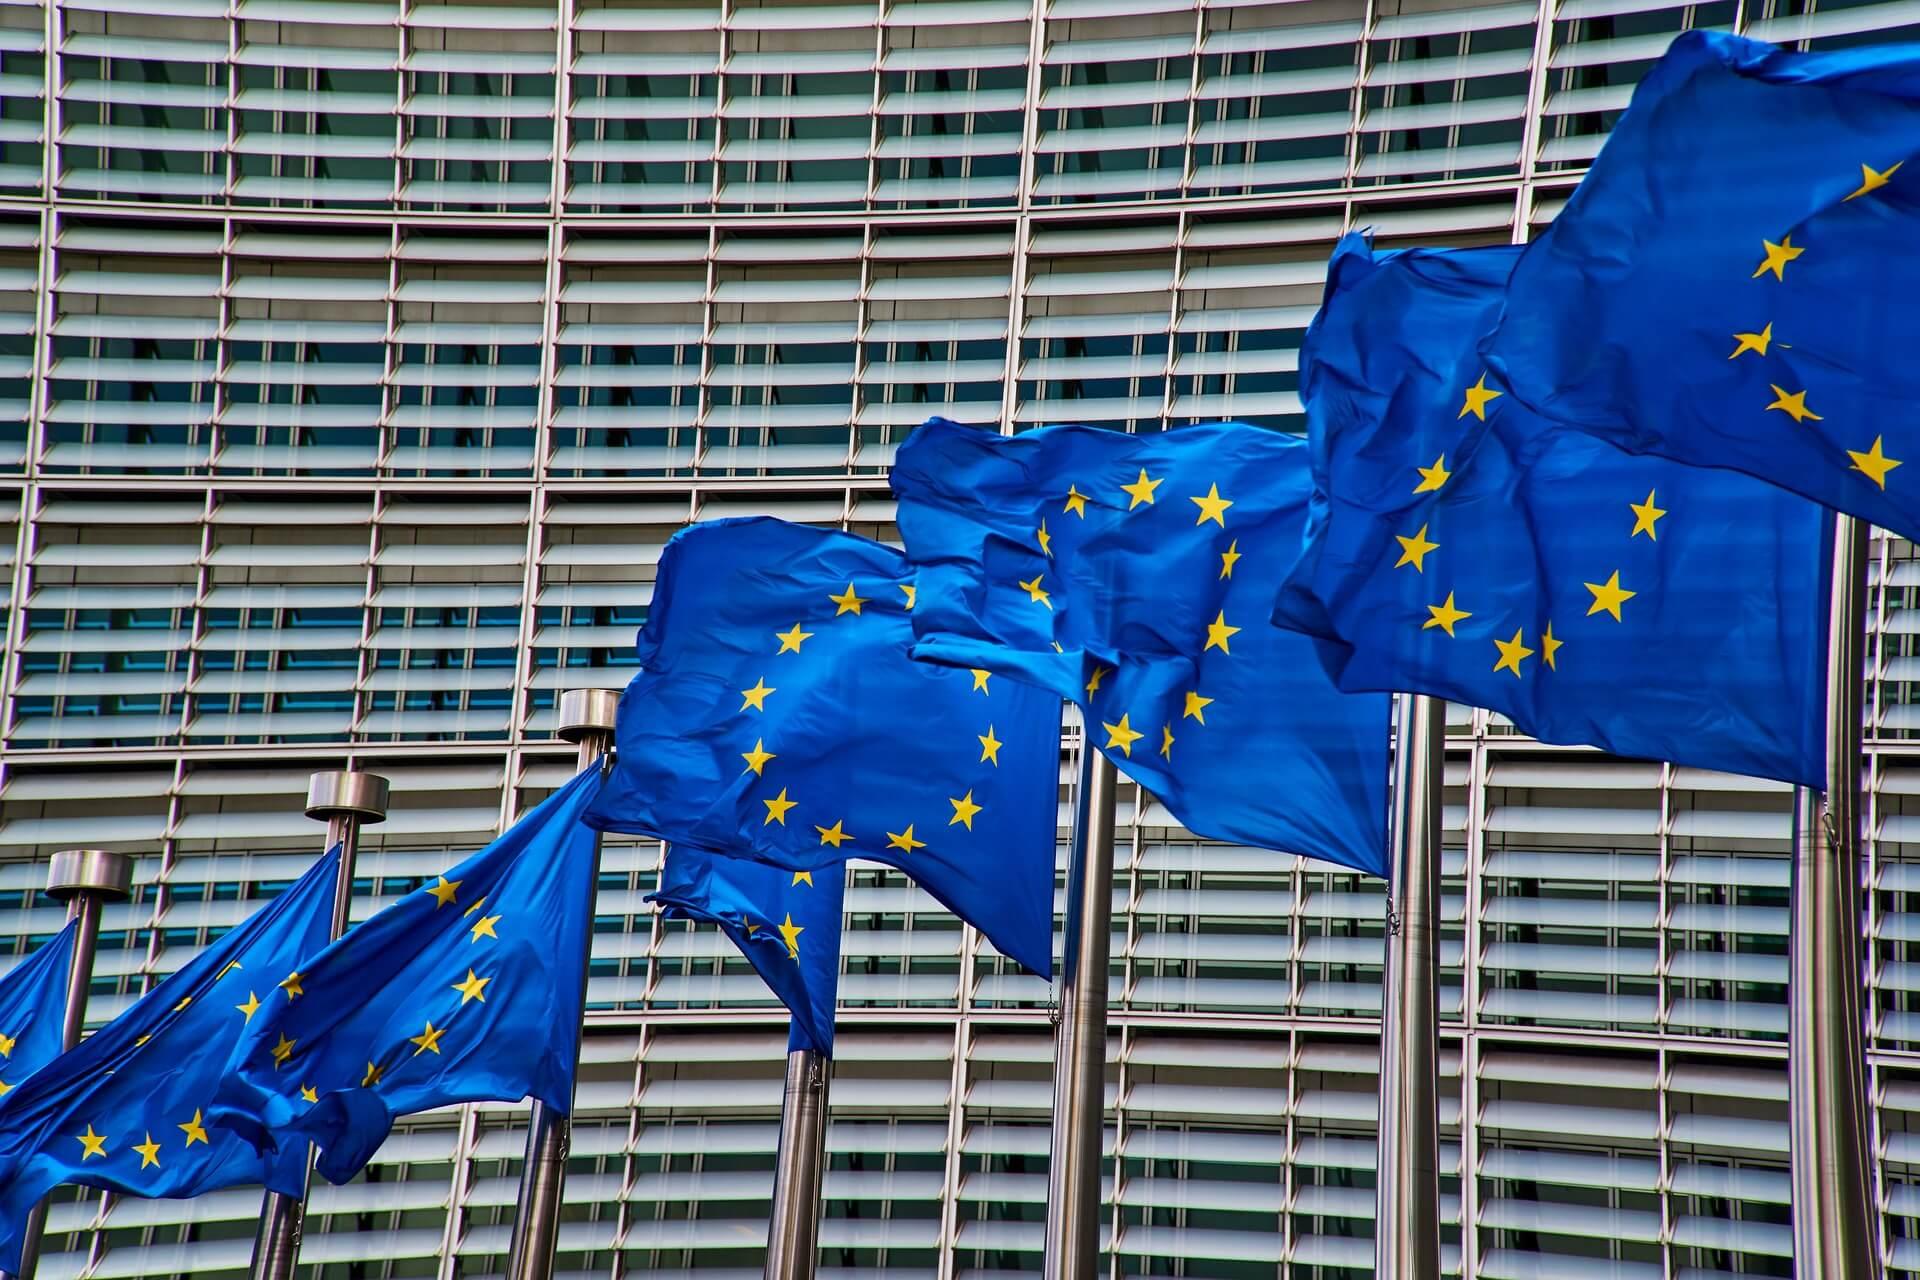 Dal Sofagate alla Conferenza sul futuro dell'Europa: una riflessione sulle istituzioni dell'Unione